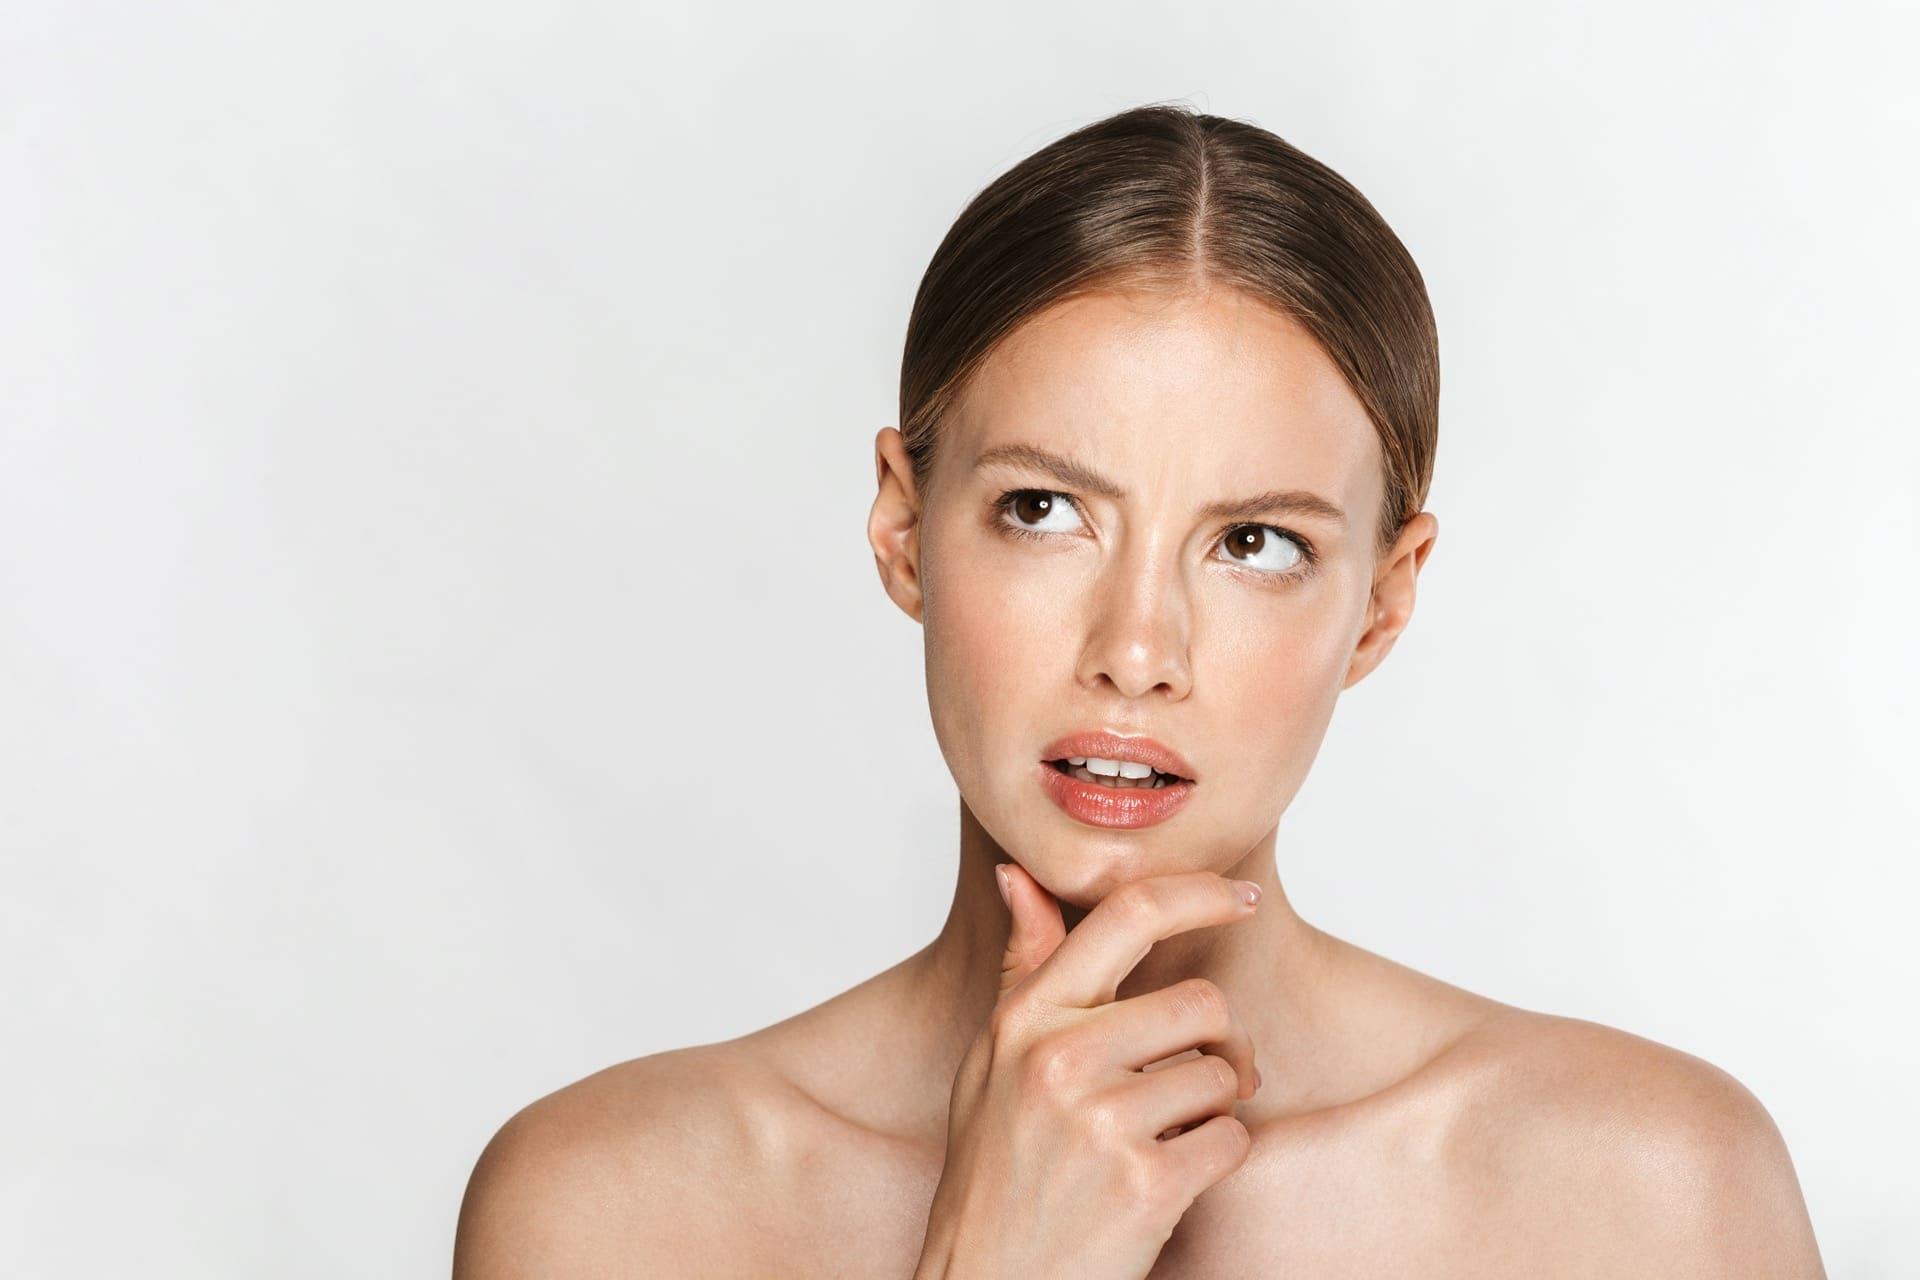 Hoe kies je de juiste verzorgingsproducten voor je huid?